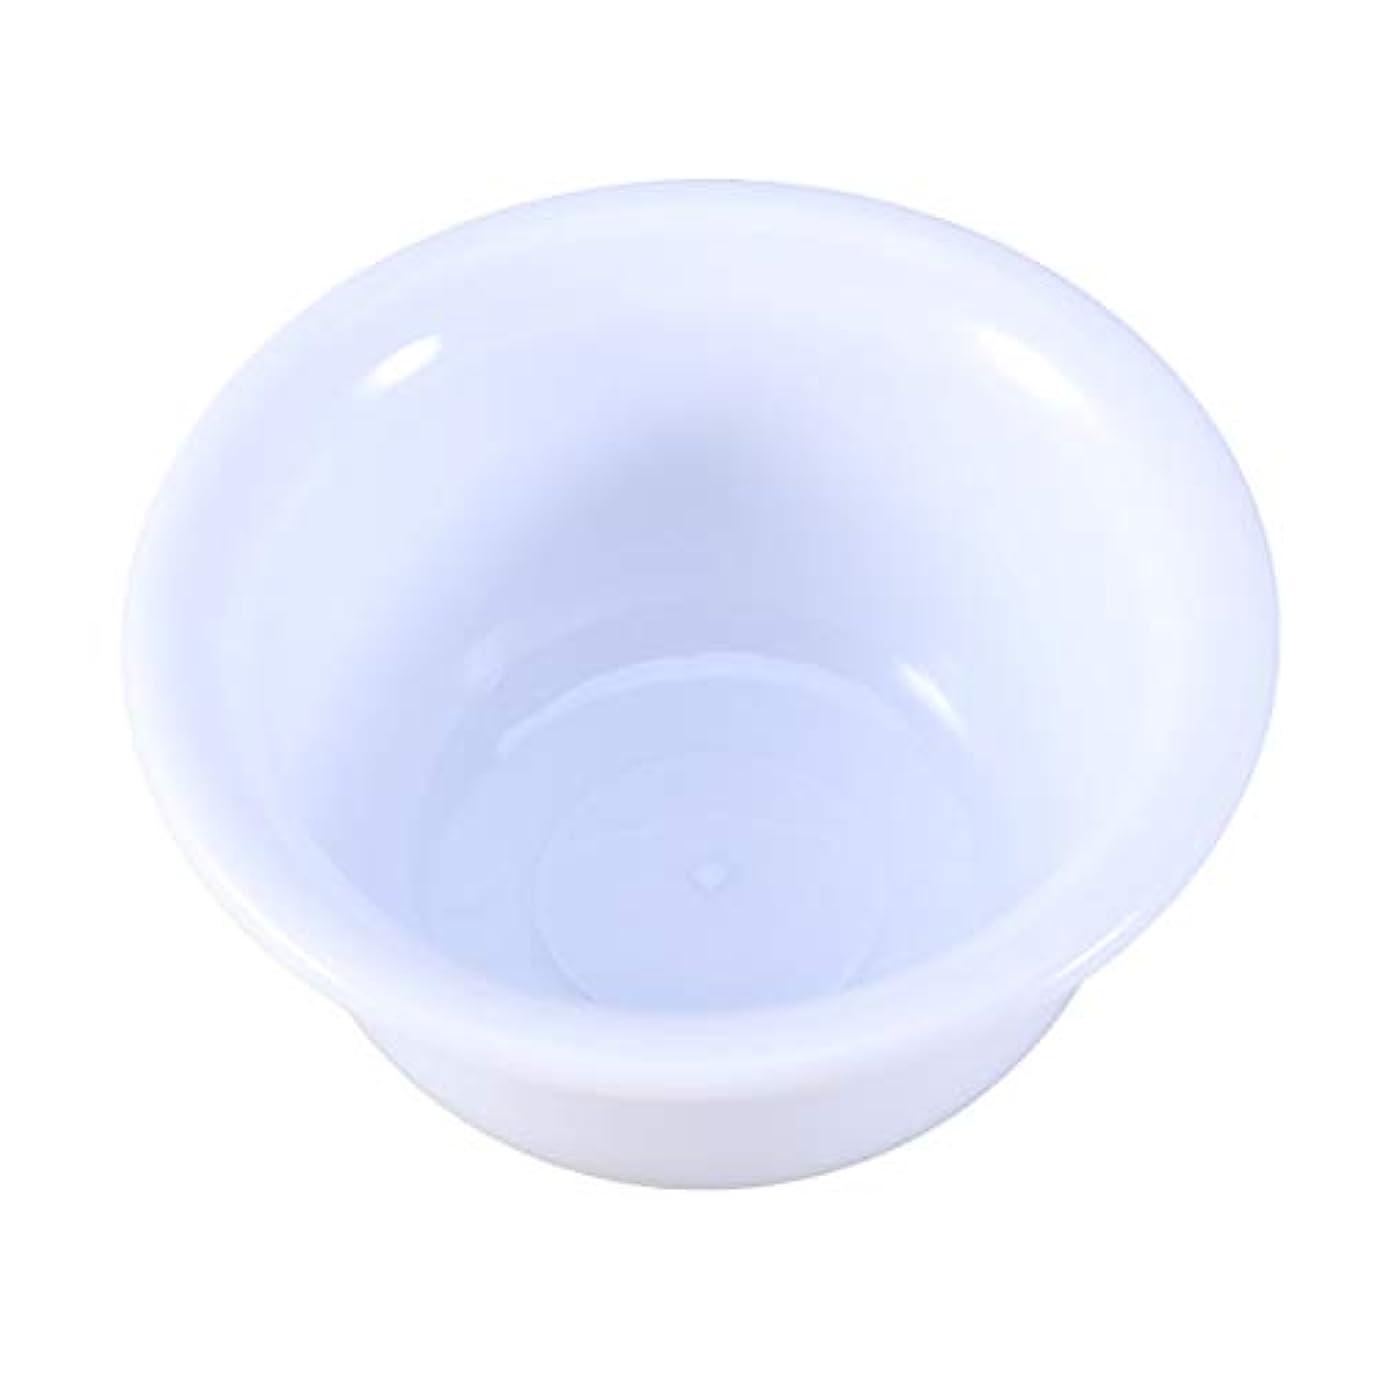 累積嘆願魔女Healifty プラスチックシェービングボウルシェービングクリームソープボウルラウンドシェイププラスチックボウル男性用(ホワイト)